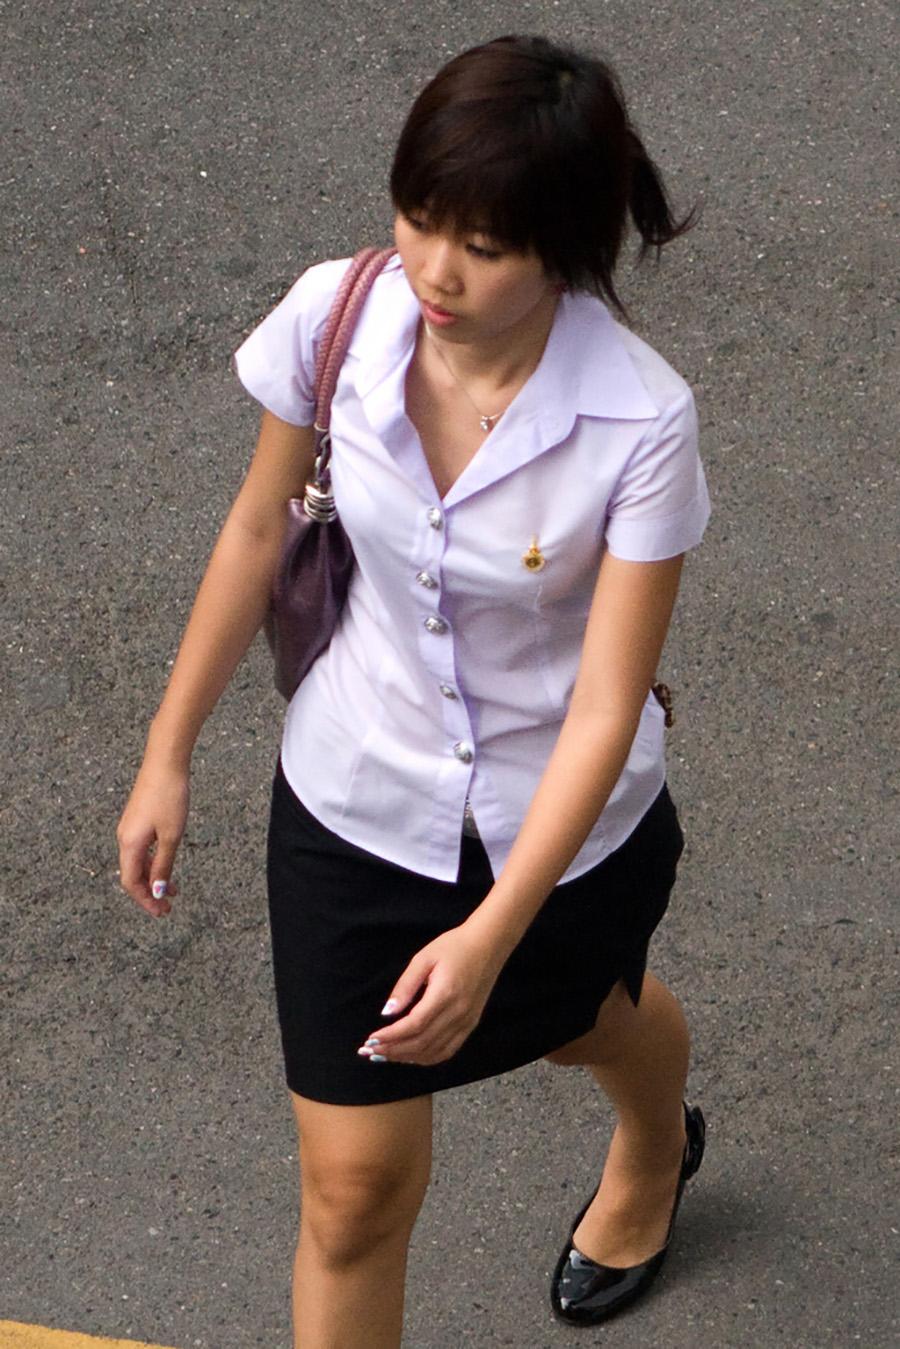 タイの美人JD、オカズを振りまく大快挙!!(画像あり)・28枚目